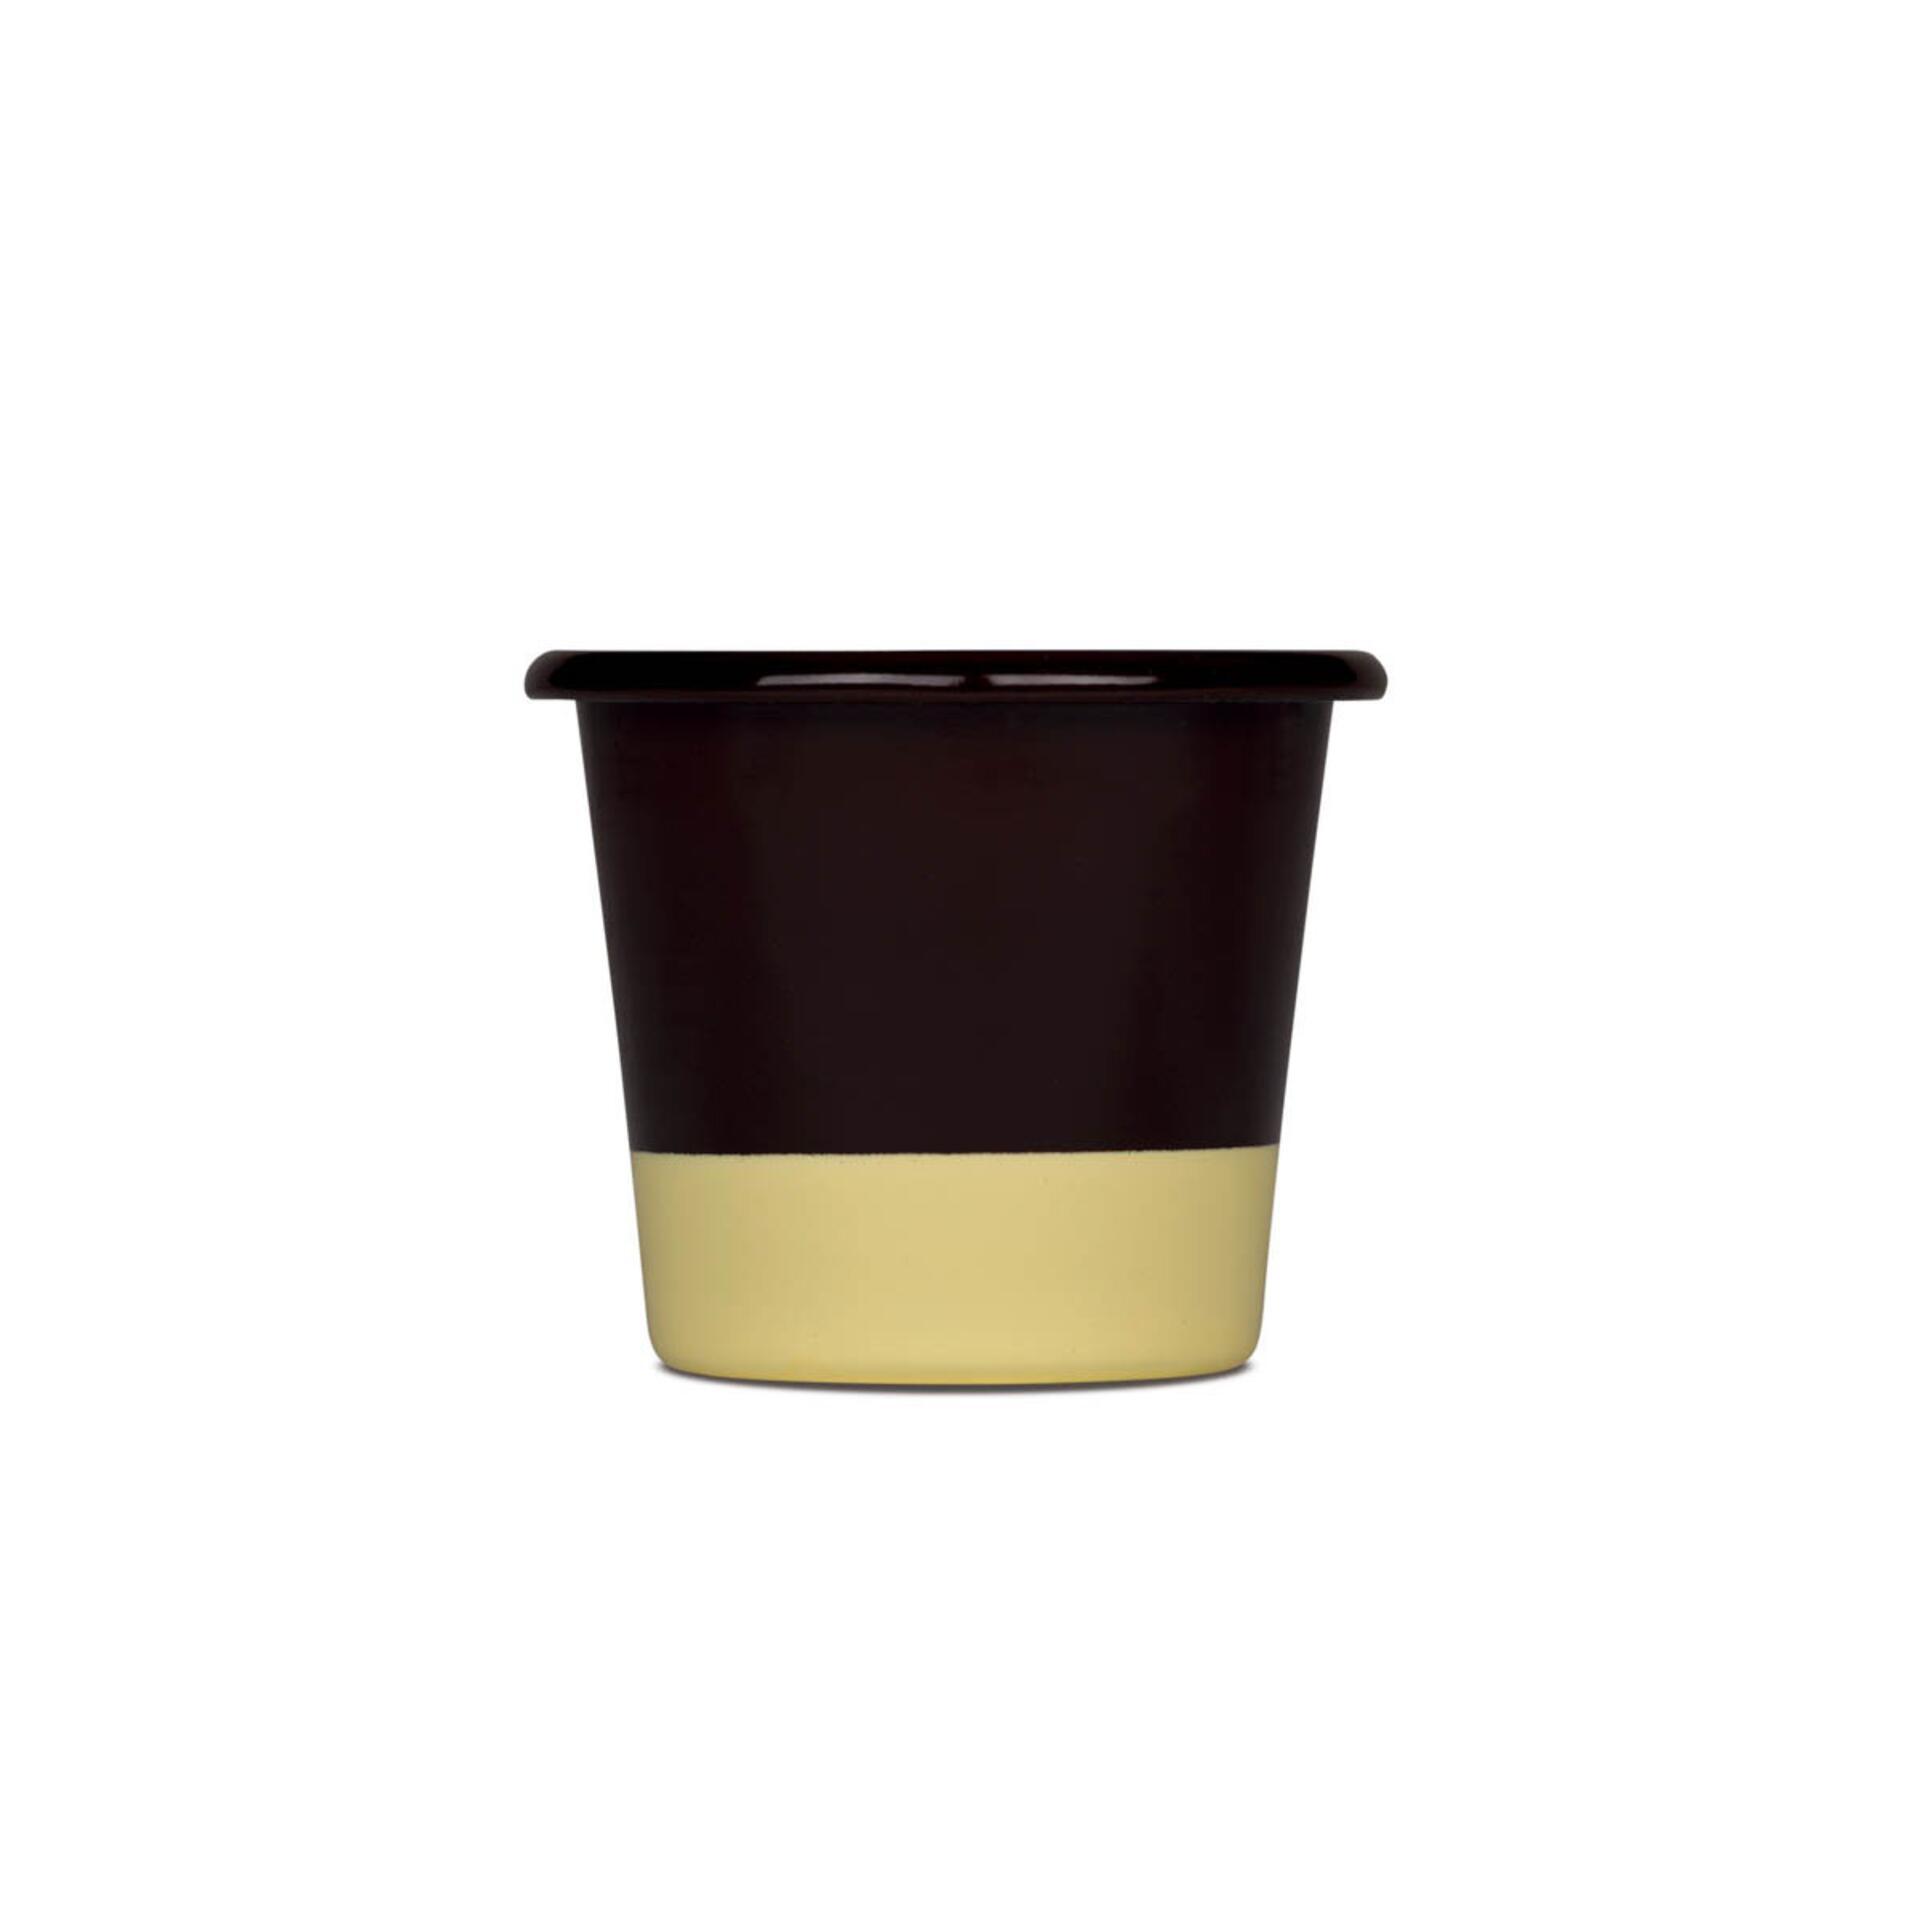 Riess Muffinform Schoko/Vanille Sarah Wiener Edition 8 cm